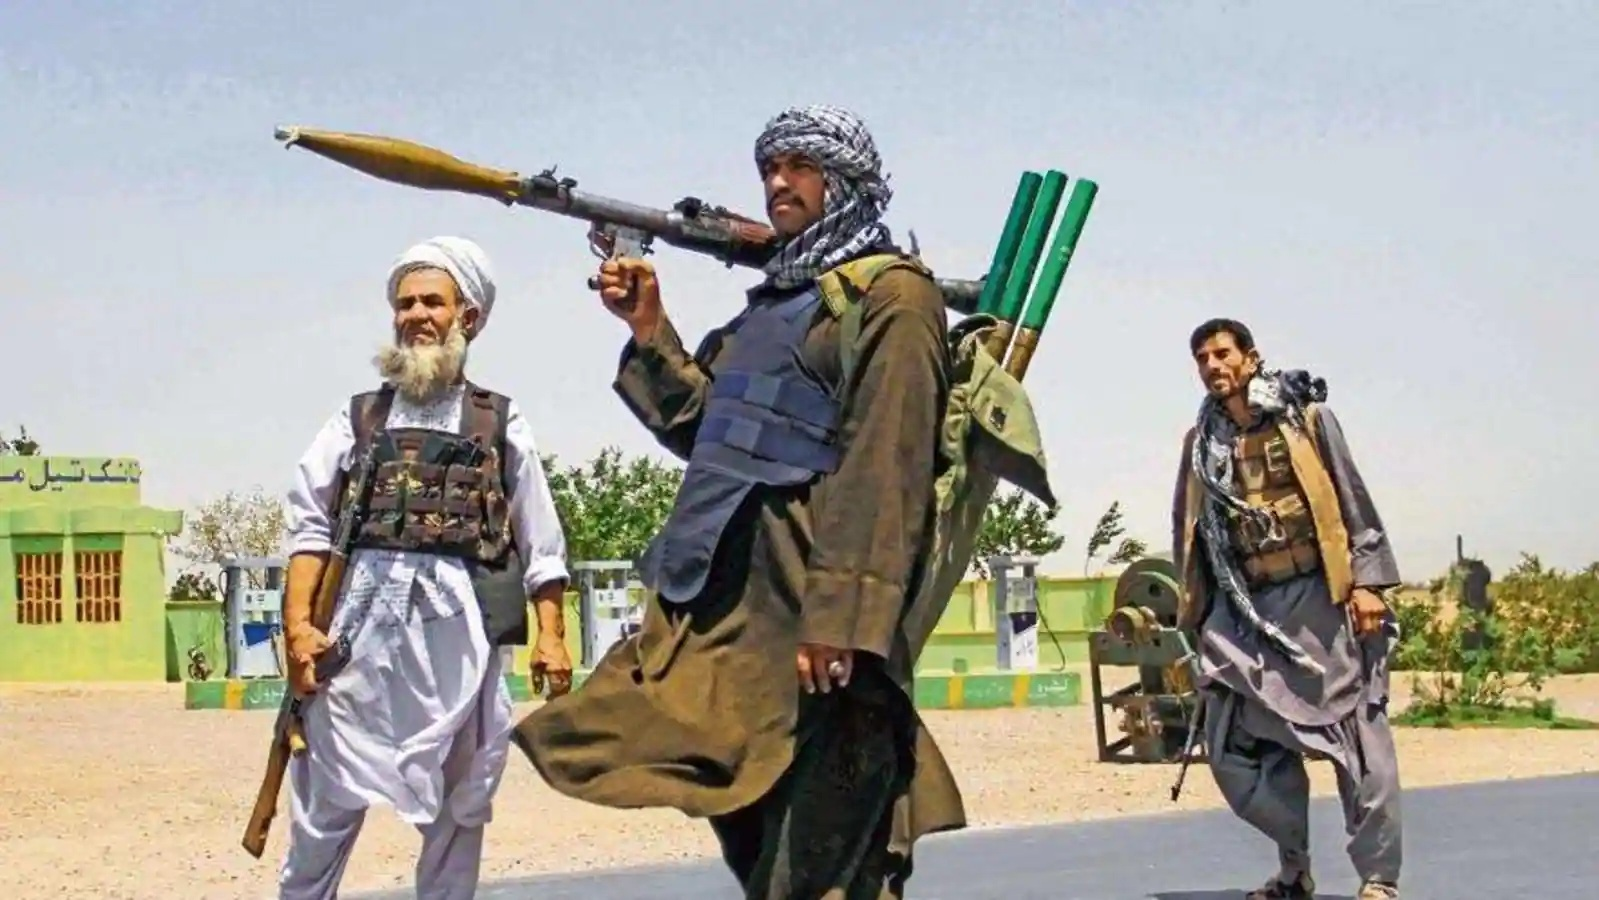 ઉત્તર અફઘાનિસ્તાનમાં દિવસે ને દિવસે સ્થિતિ બદતર થઈ રહી છે.